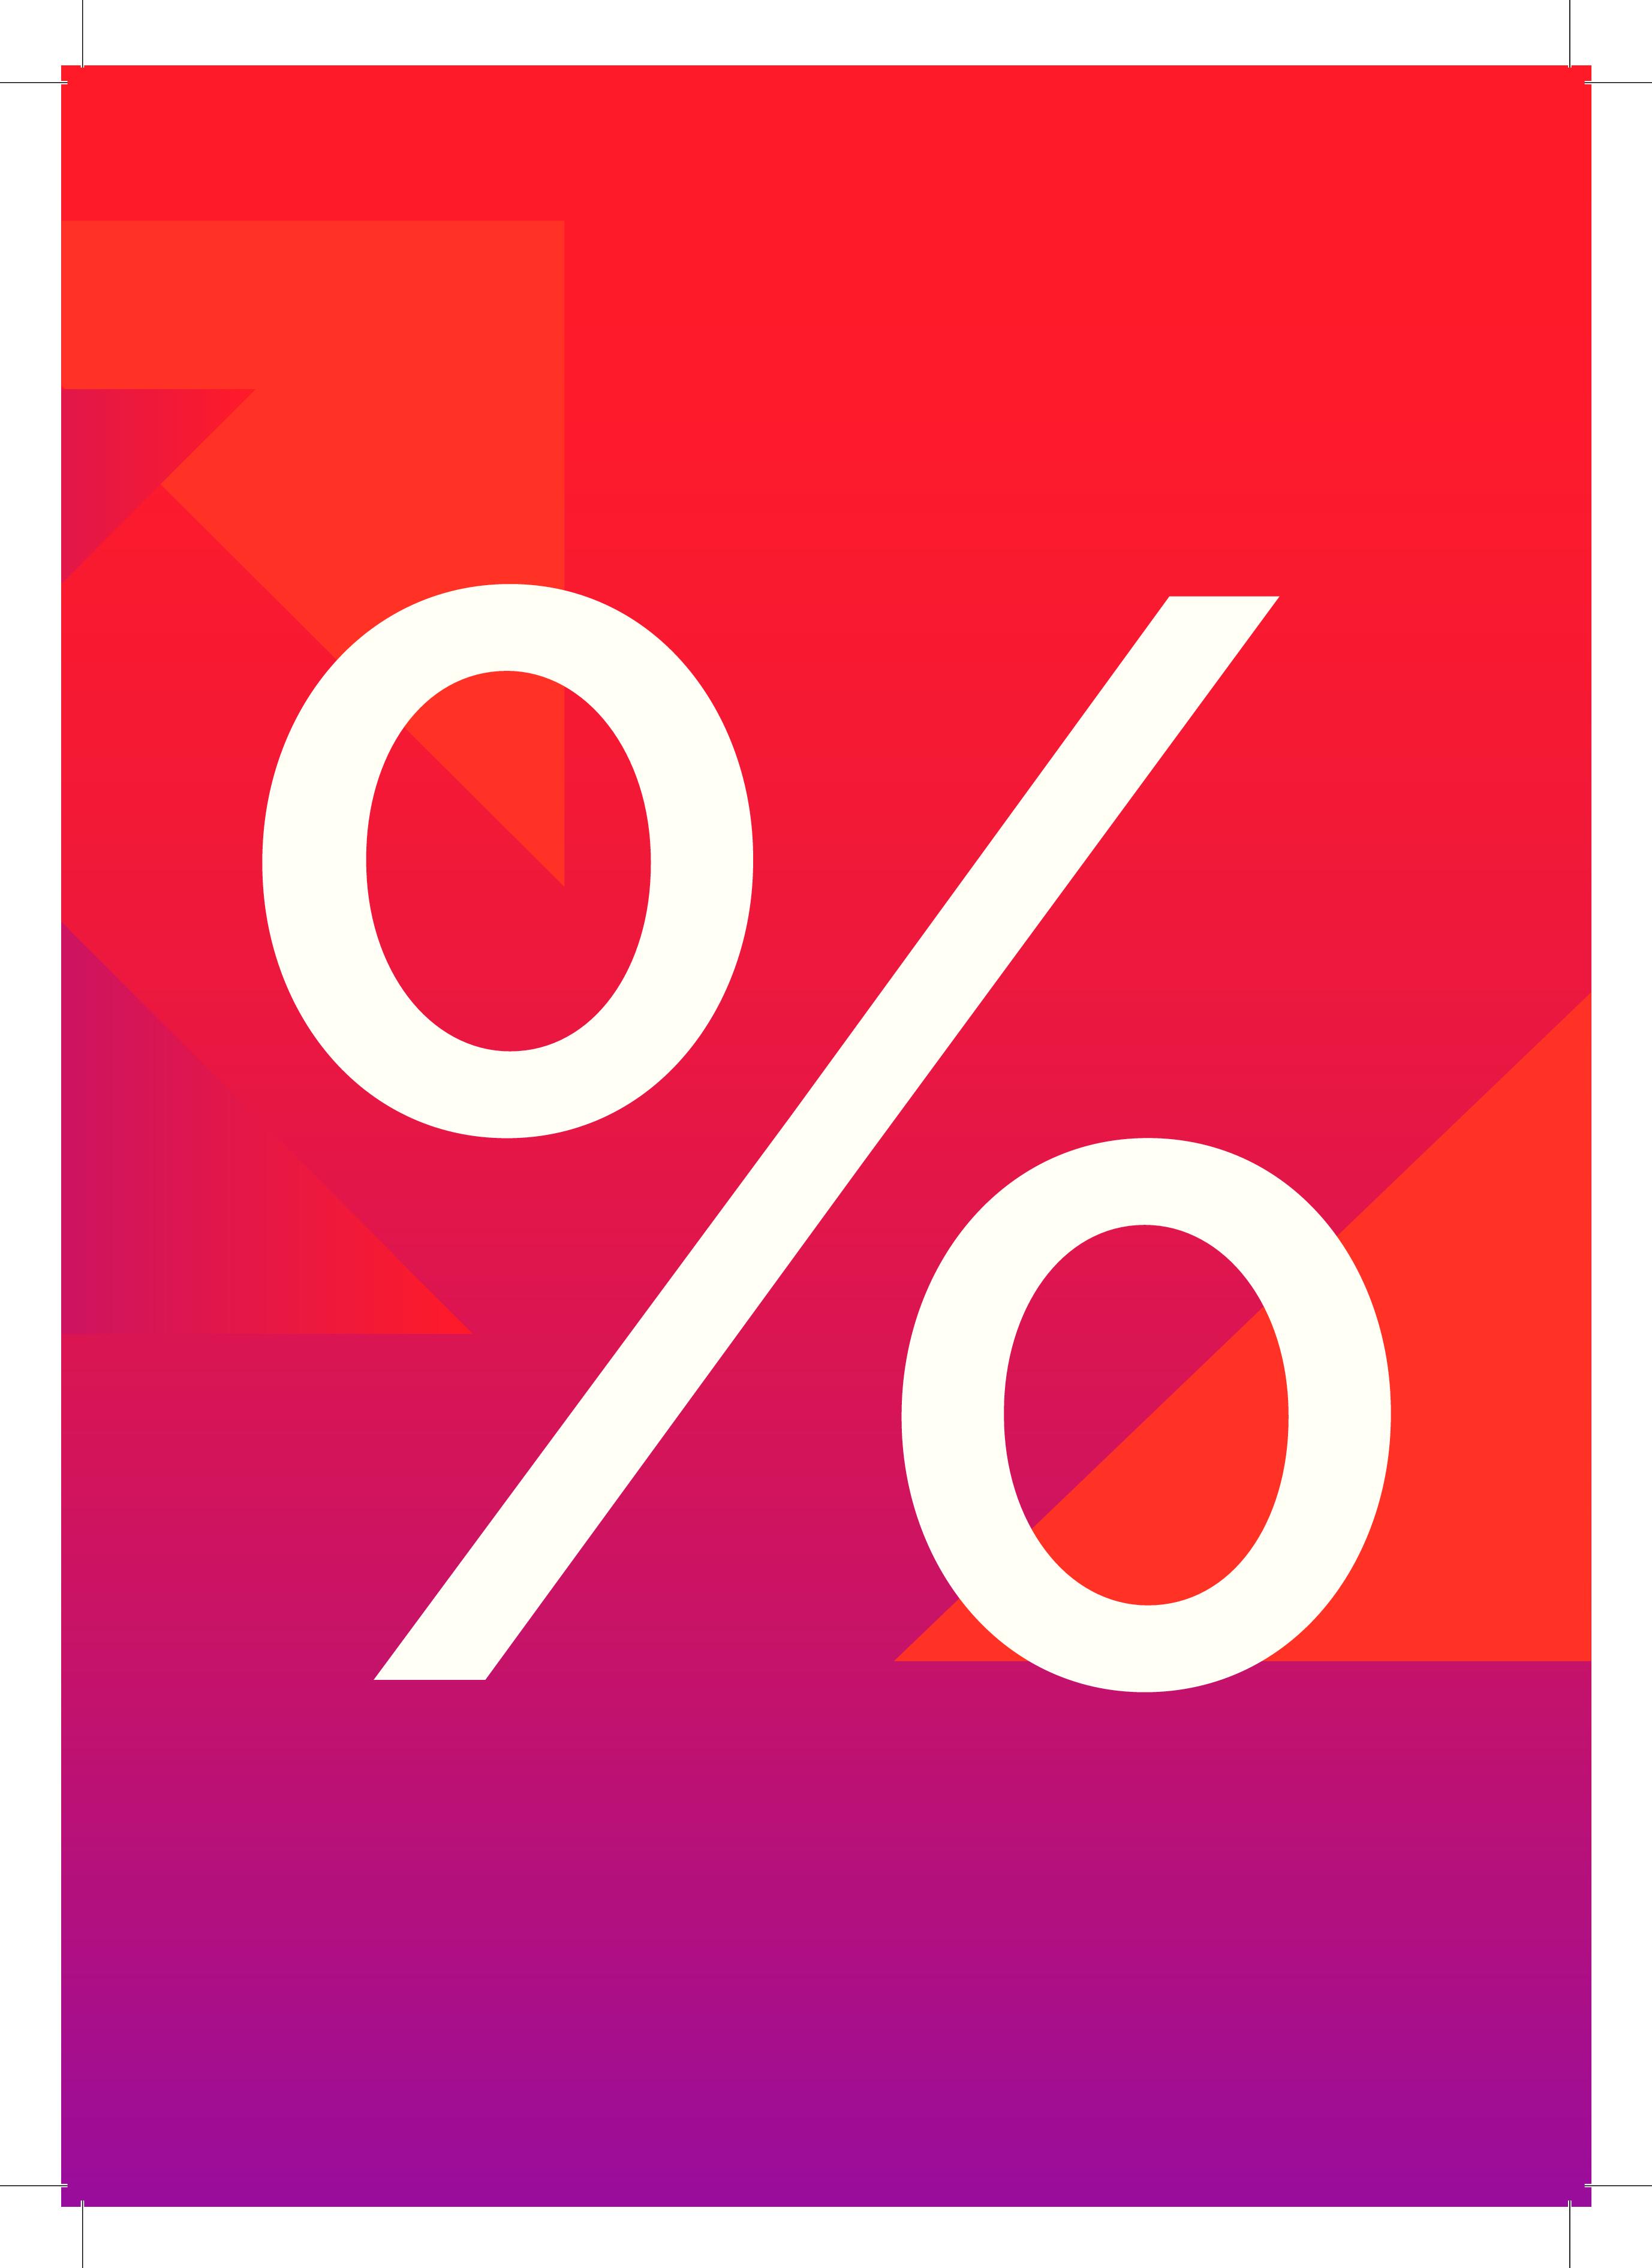 Oтстъпки до -50% в магазин Sportina